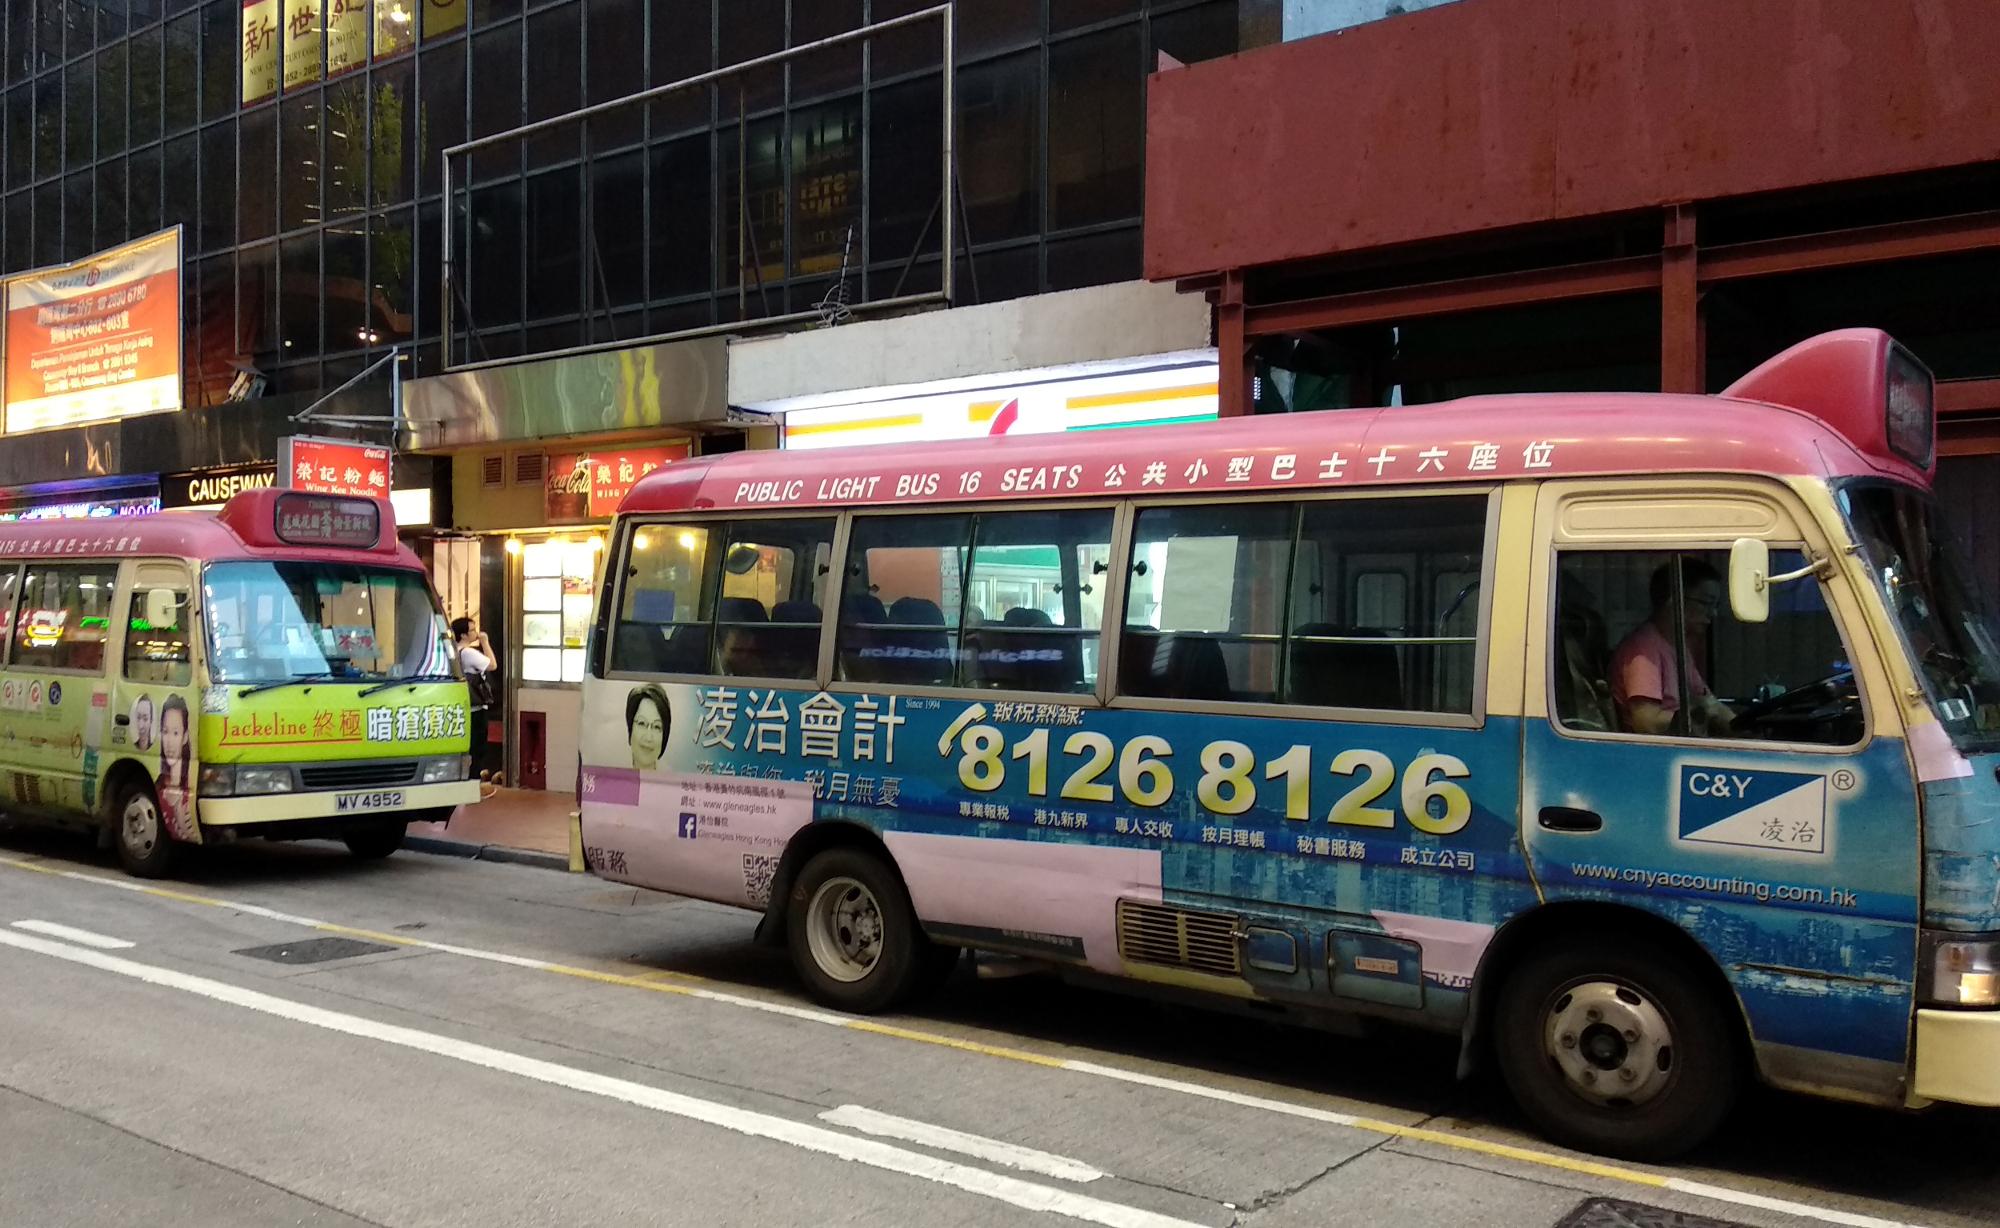 Public Light Bus Hong Kong